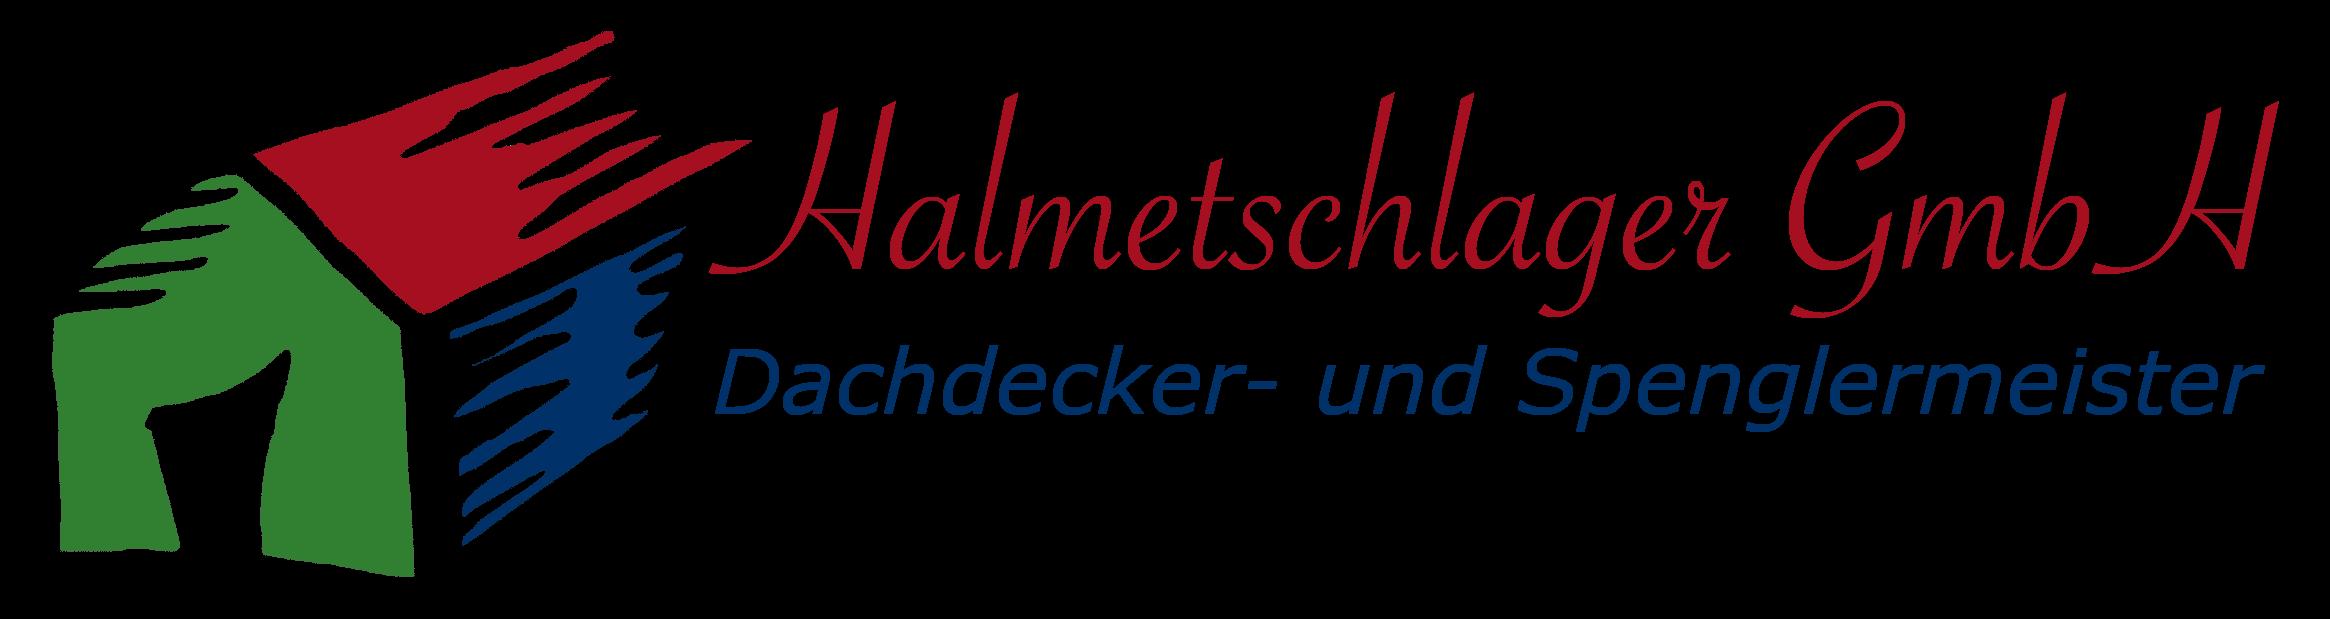 Halmetschlager GmbH